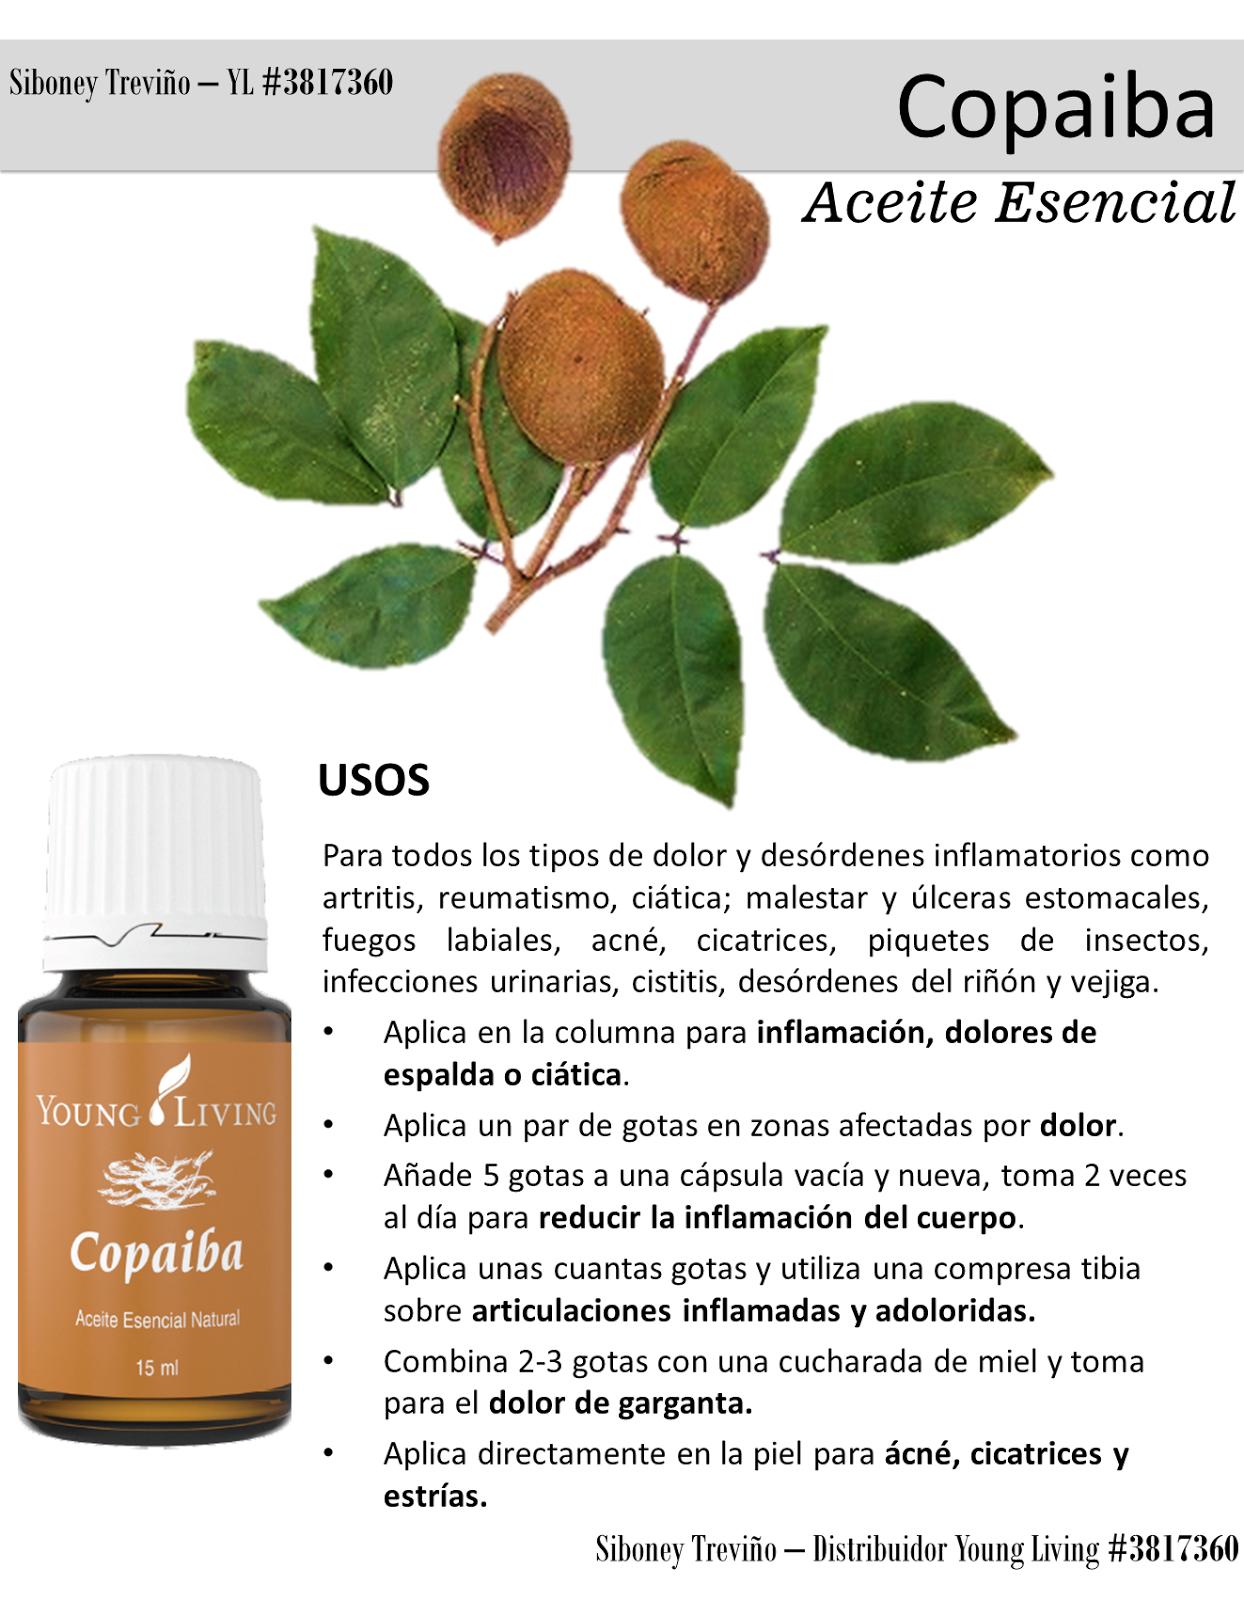 Tips Esenciales Aceite Esencial De Copaiba